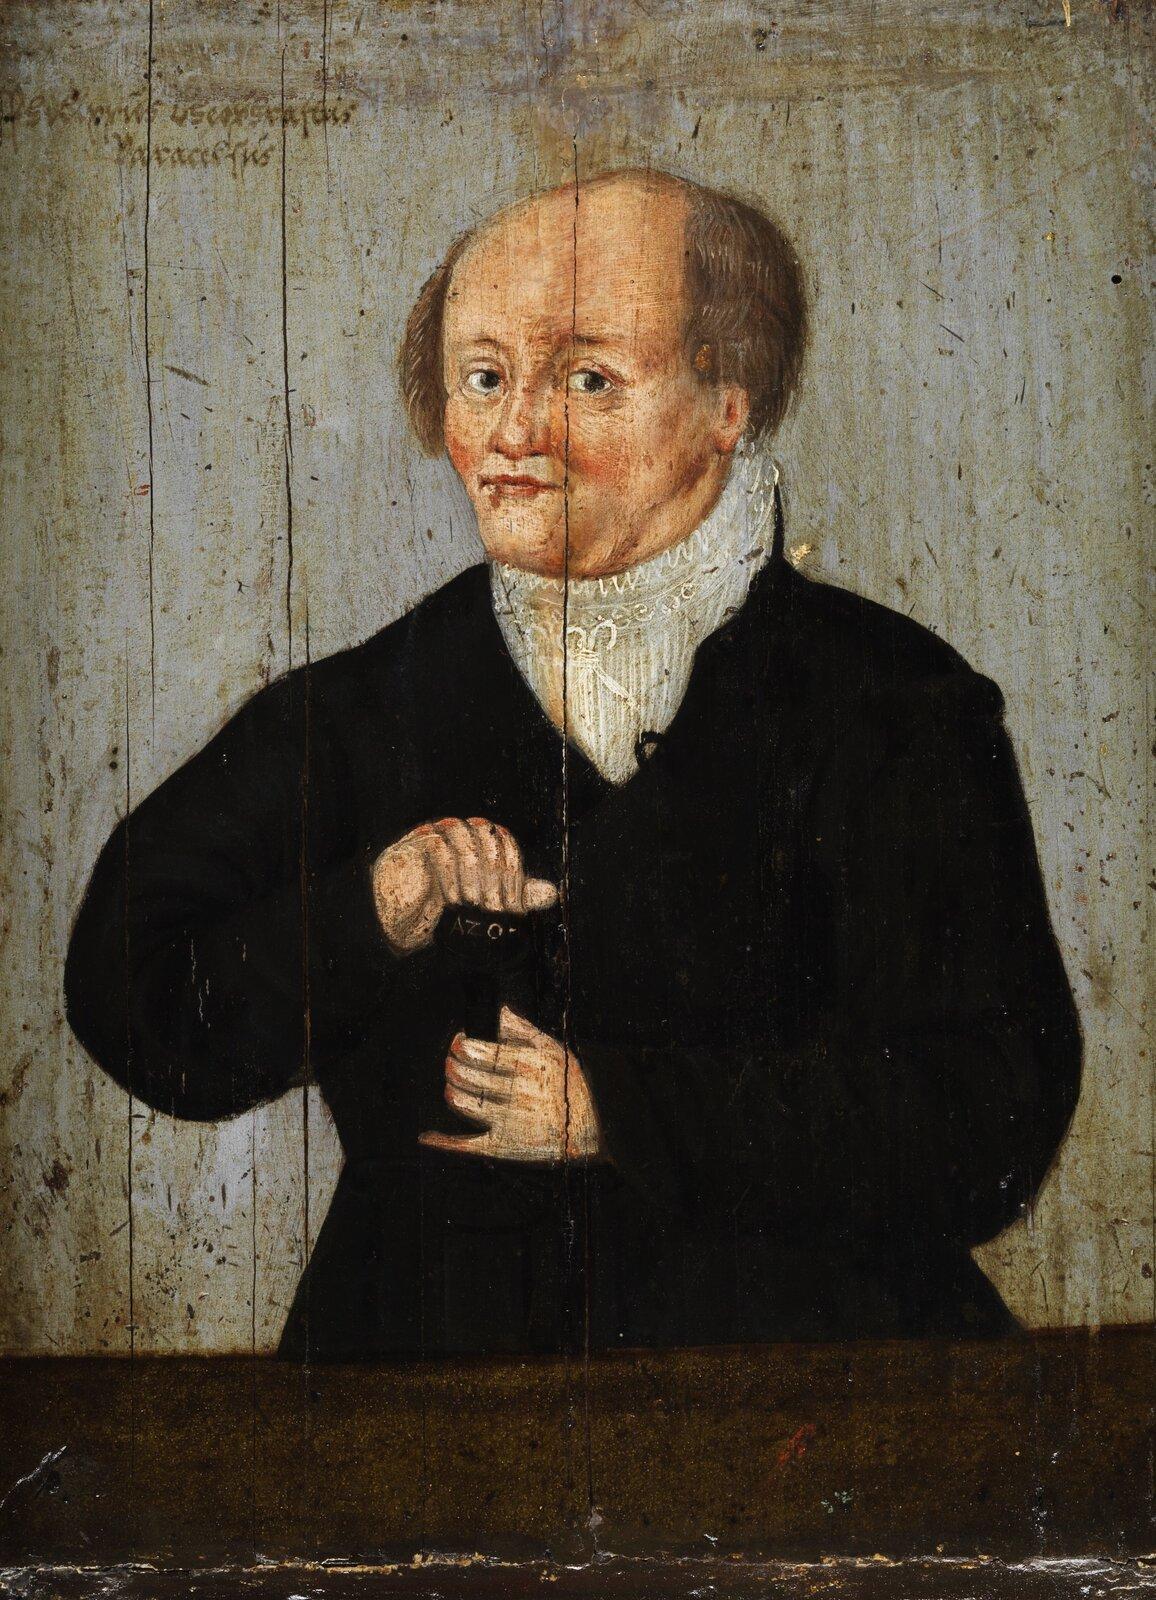 """Theopharatus Bombastus von Hohenheim, znany jako Paracelsus (1493–1541), niemiecki lekarz iprzyrodnik napisał: """"Wszystko jest trucizną inie jest trucizną, tylko dawka decyduje, że jakaś substancja jest trucizną""""."""